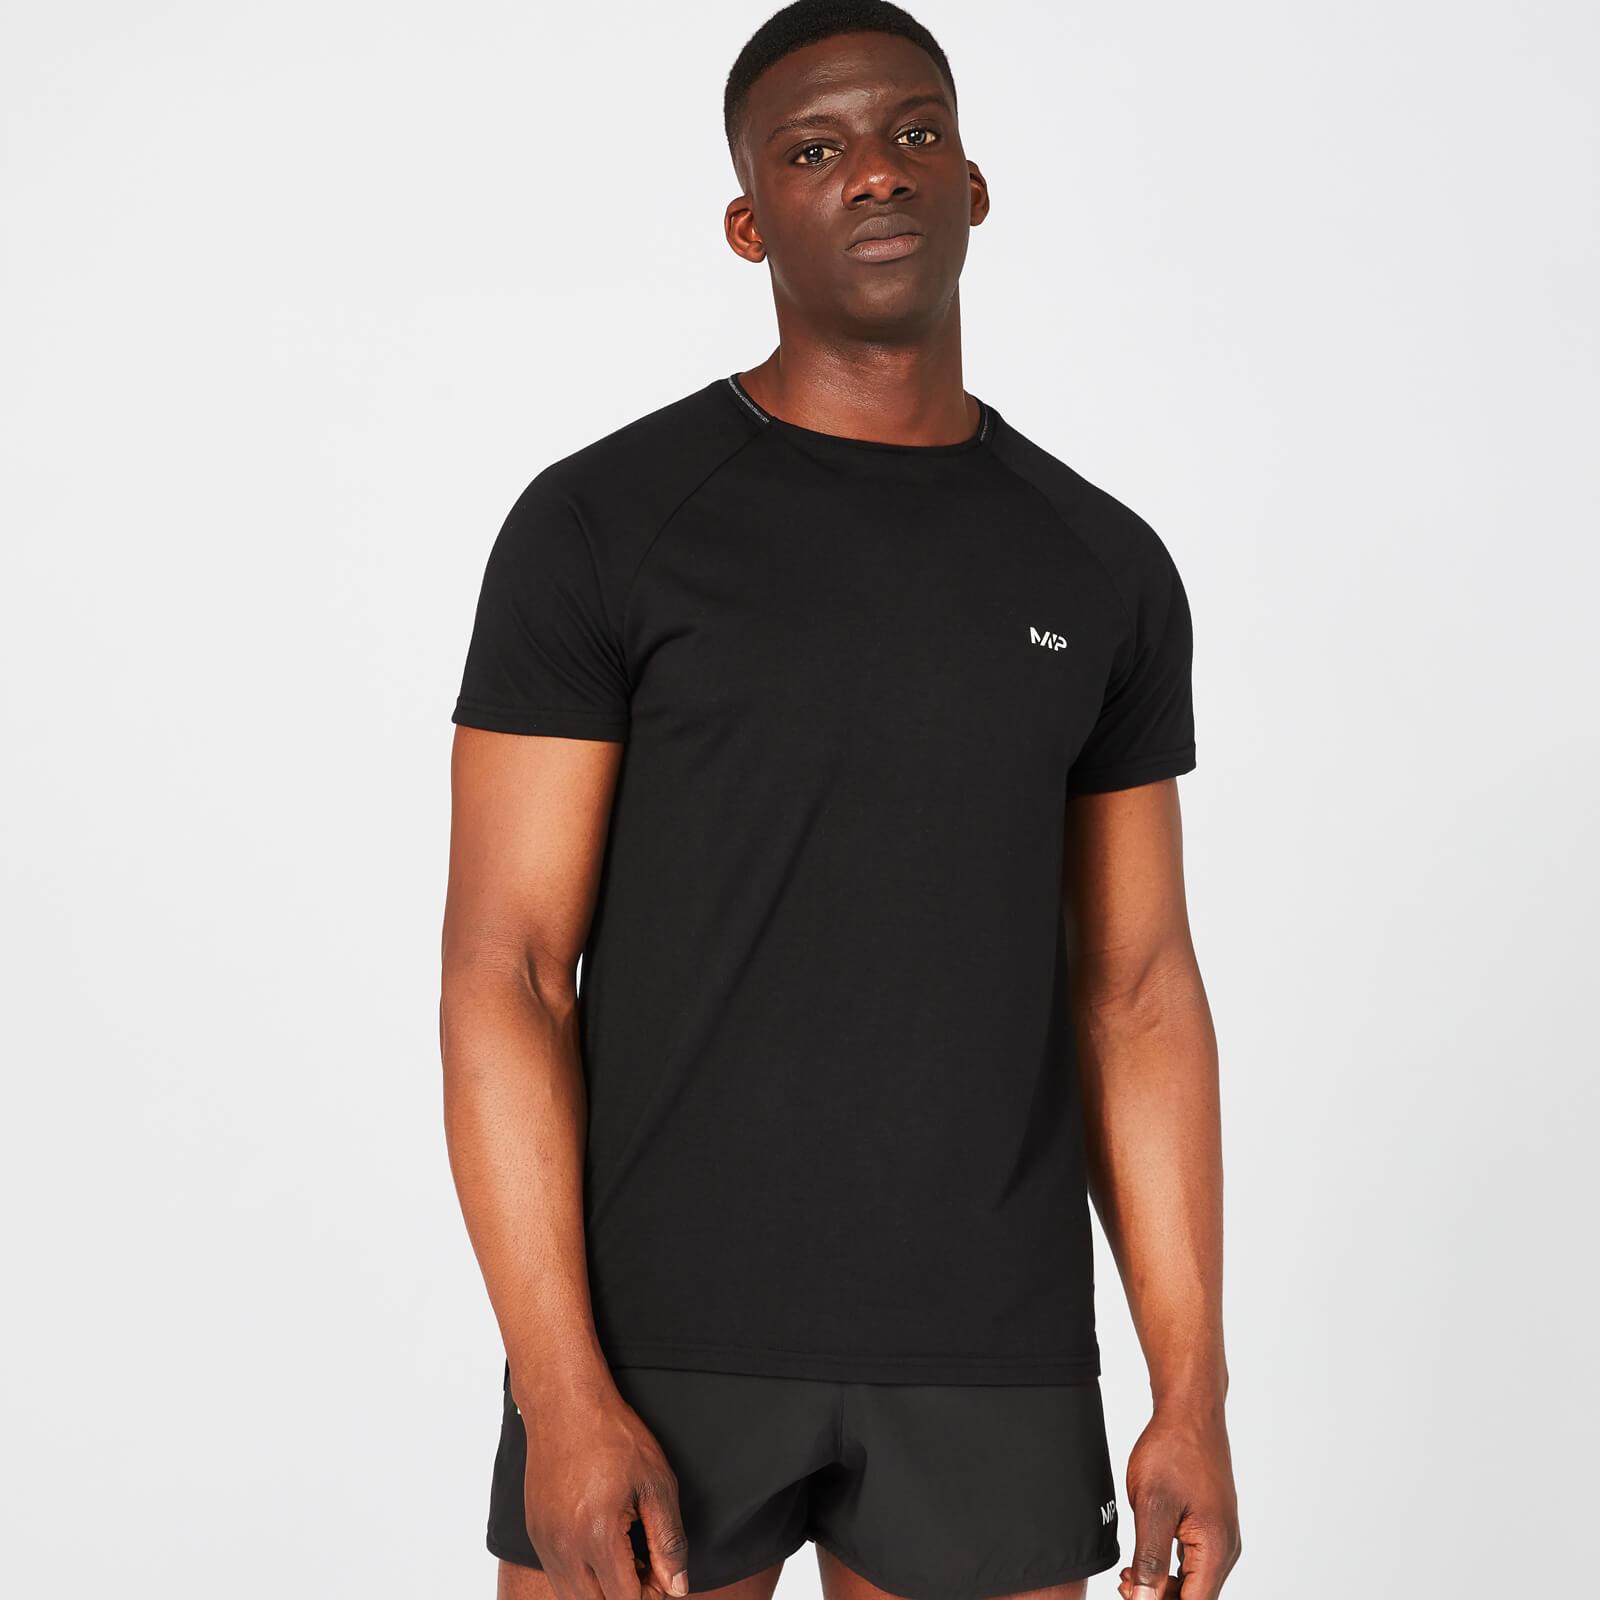 Myprotein Pace T-Shirt - Black - S